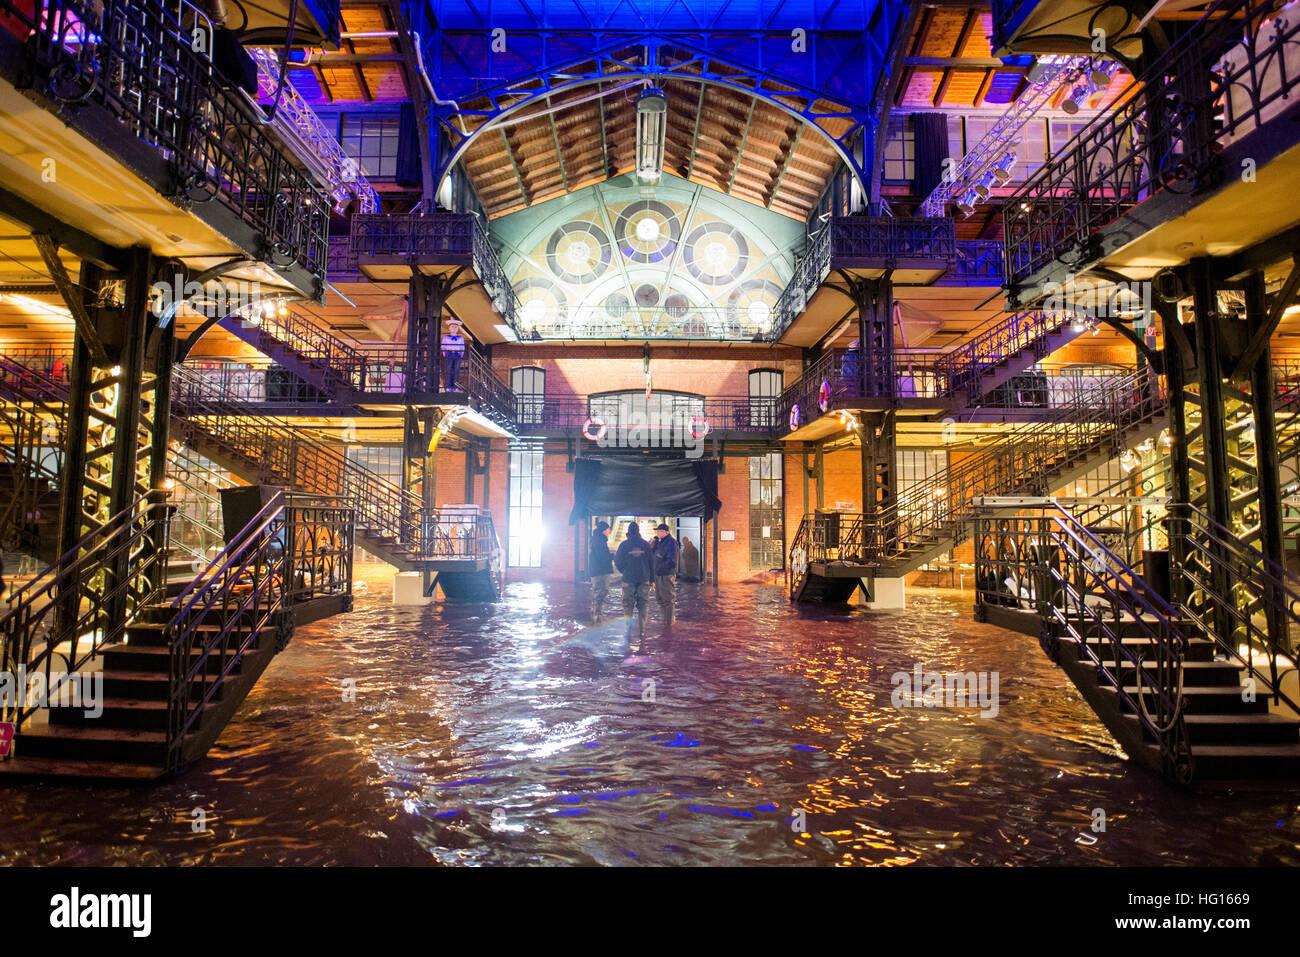 Hamburg, Deutschland. 4. Januar 2017. Die Fischauktionshalle Fischmarkt ist unter Wasser während einer Sturmflut Stockbild